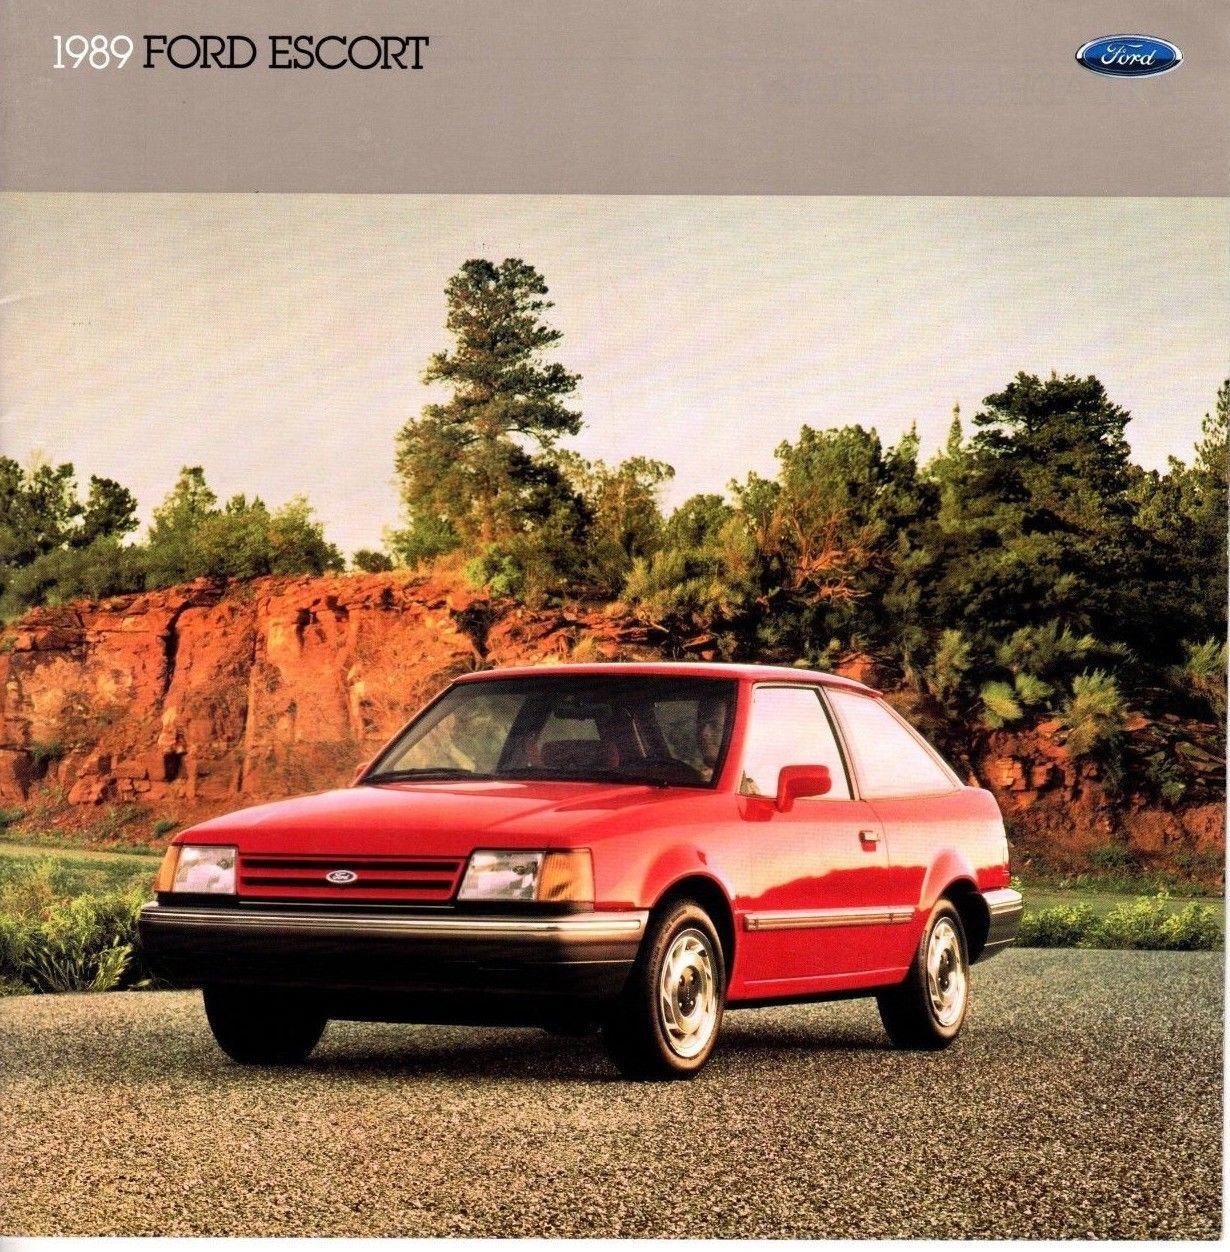 1989 Ford Escort 20-page Original Dealer Sales Brochure GT LX Hatchback